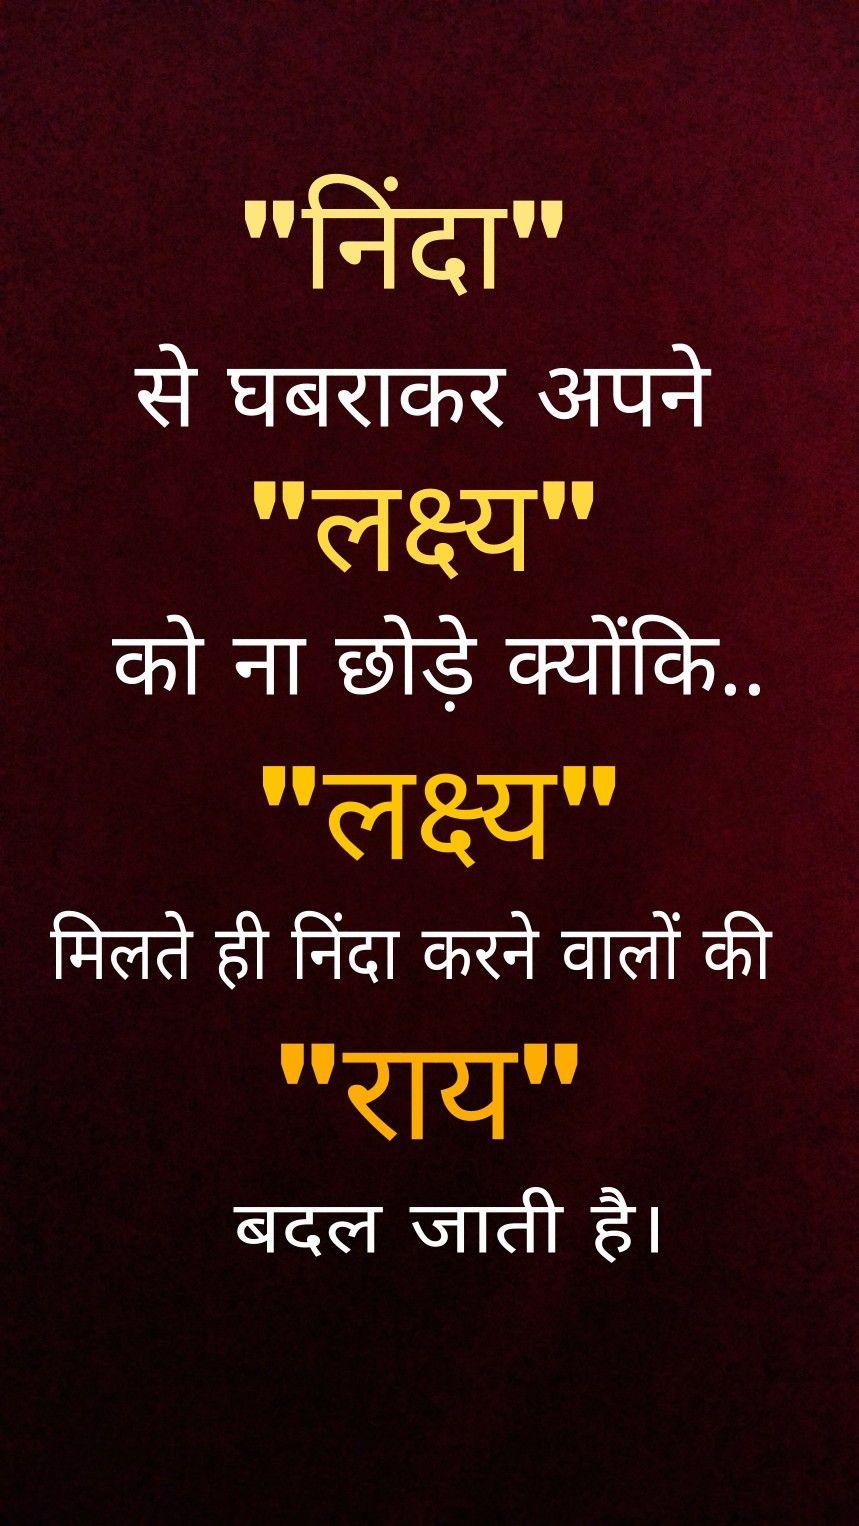 Hindi Quote Motivational Quotes Hindi Good Morning Quotes